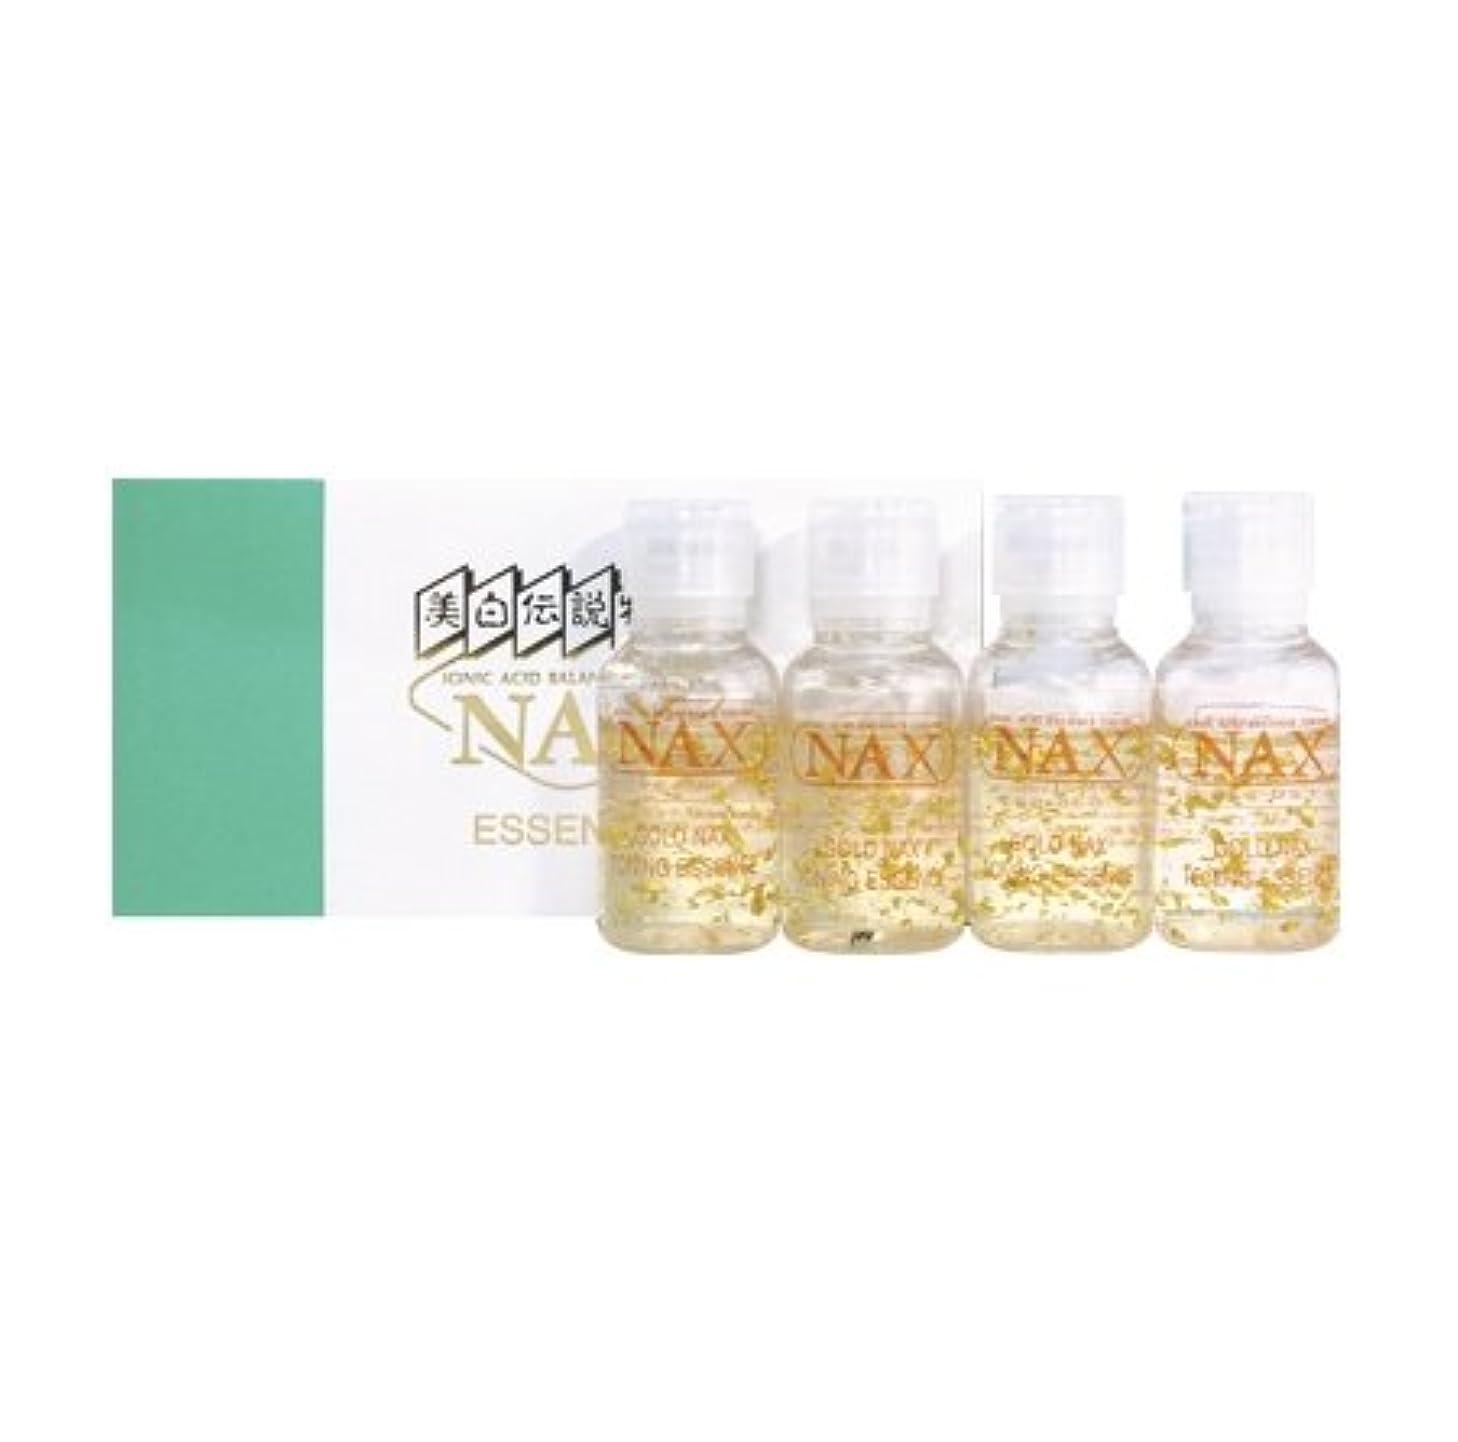 ミンチ候補者ばかげたゴールドコスメ NAX トーニングエッセンス 美容液 超敏感肌用 12.5ml×4本